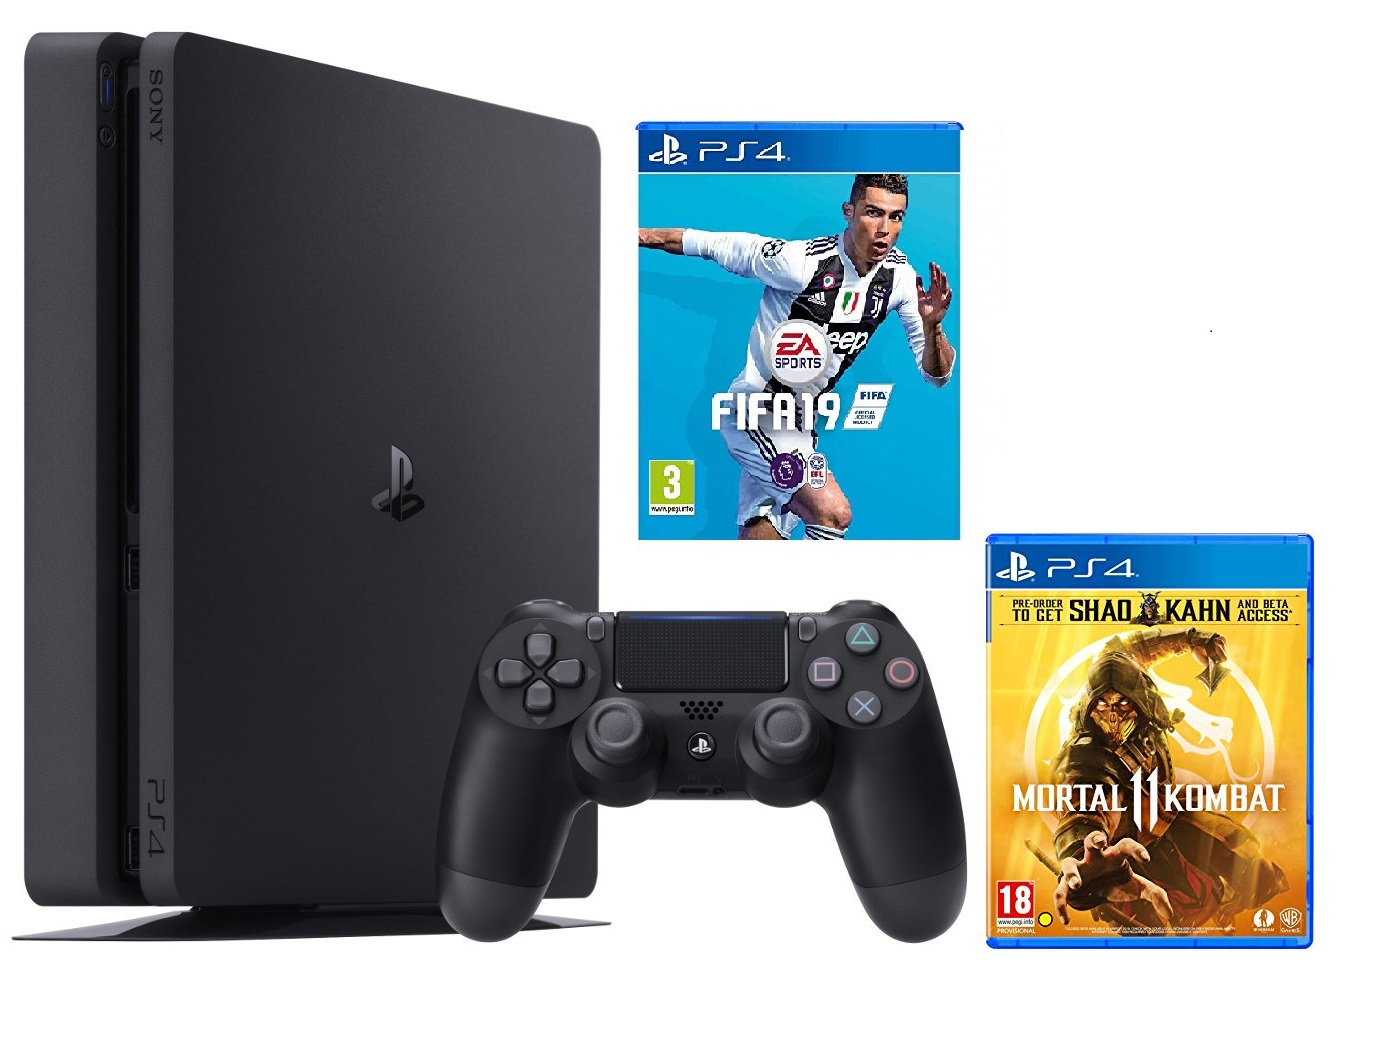 Máy PS4 Slim 1TB + 2 game MK11 và Fifa19